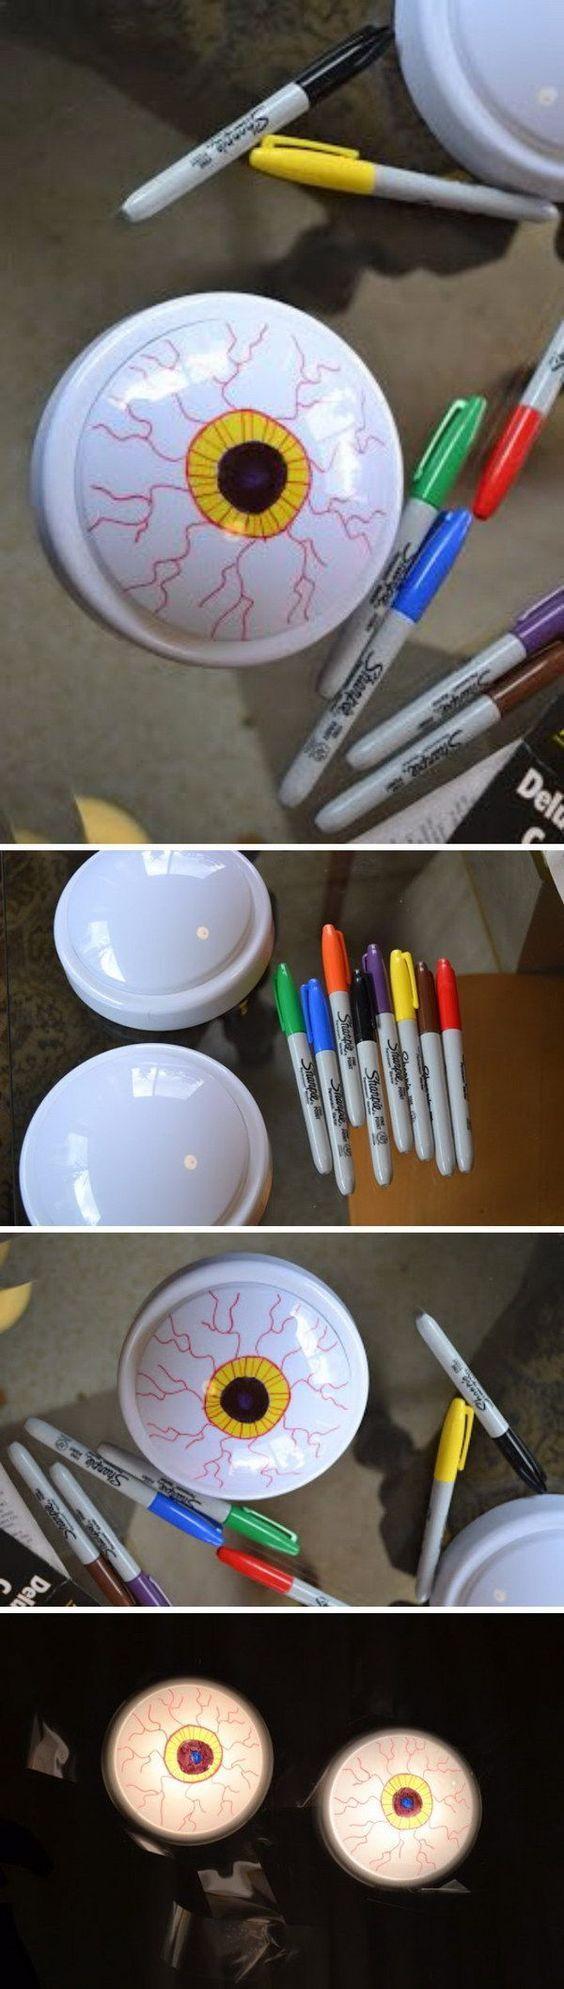 Günstige batteriebetriebene Lichter in gruselige Augäpfel verwandeln.